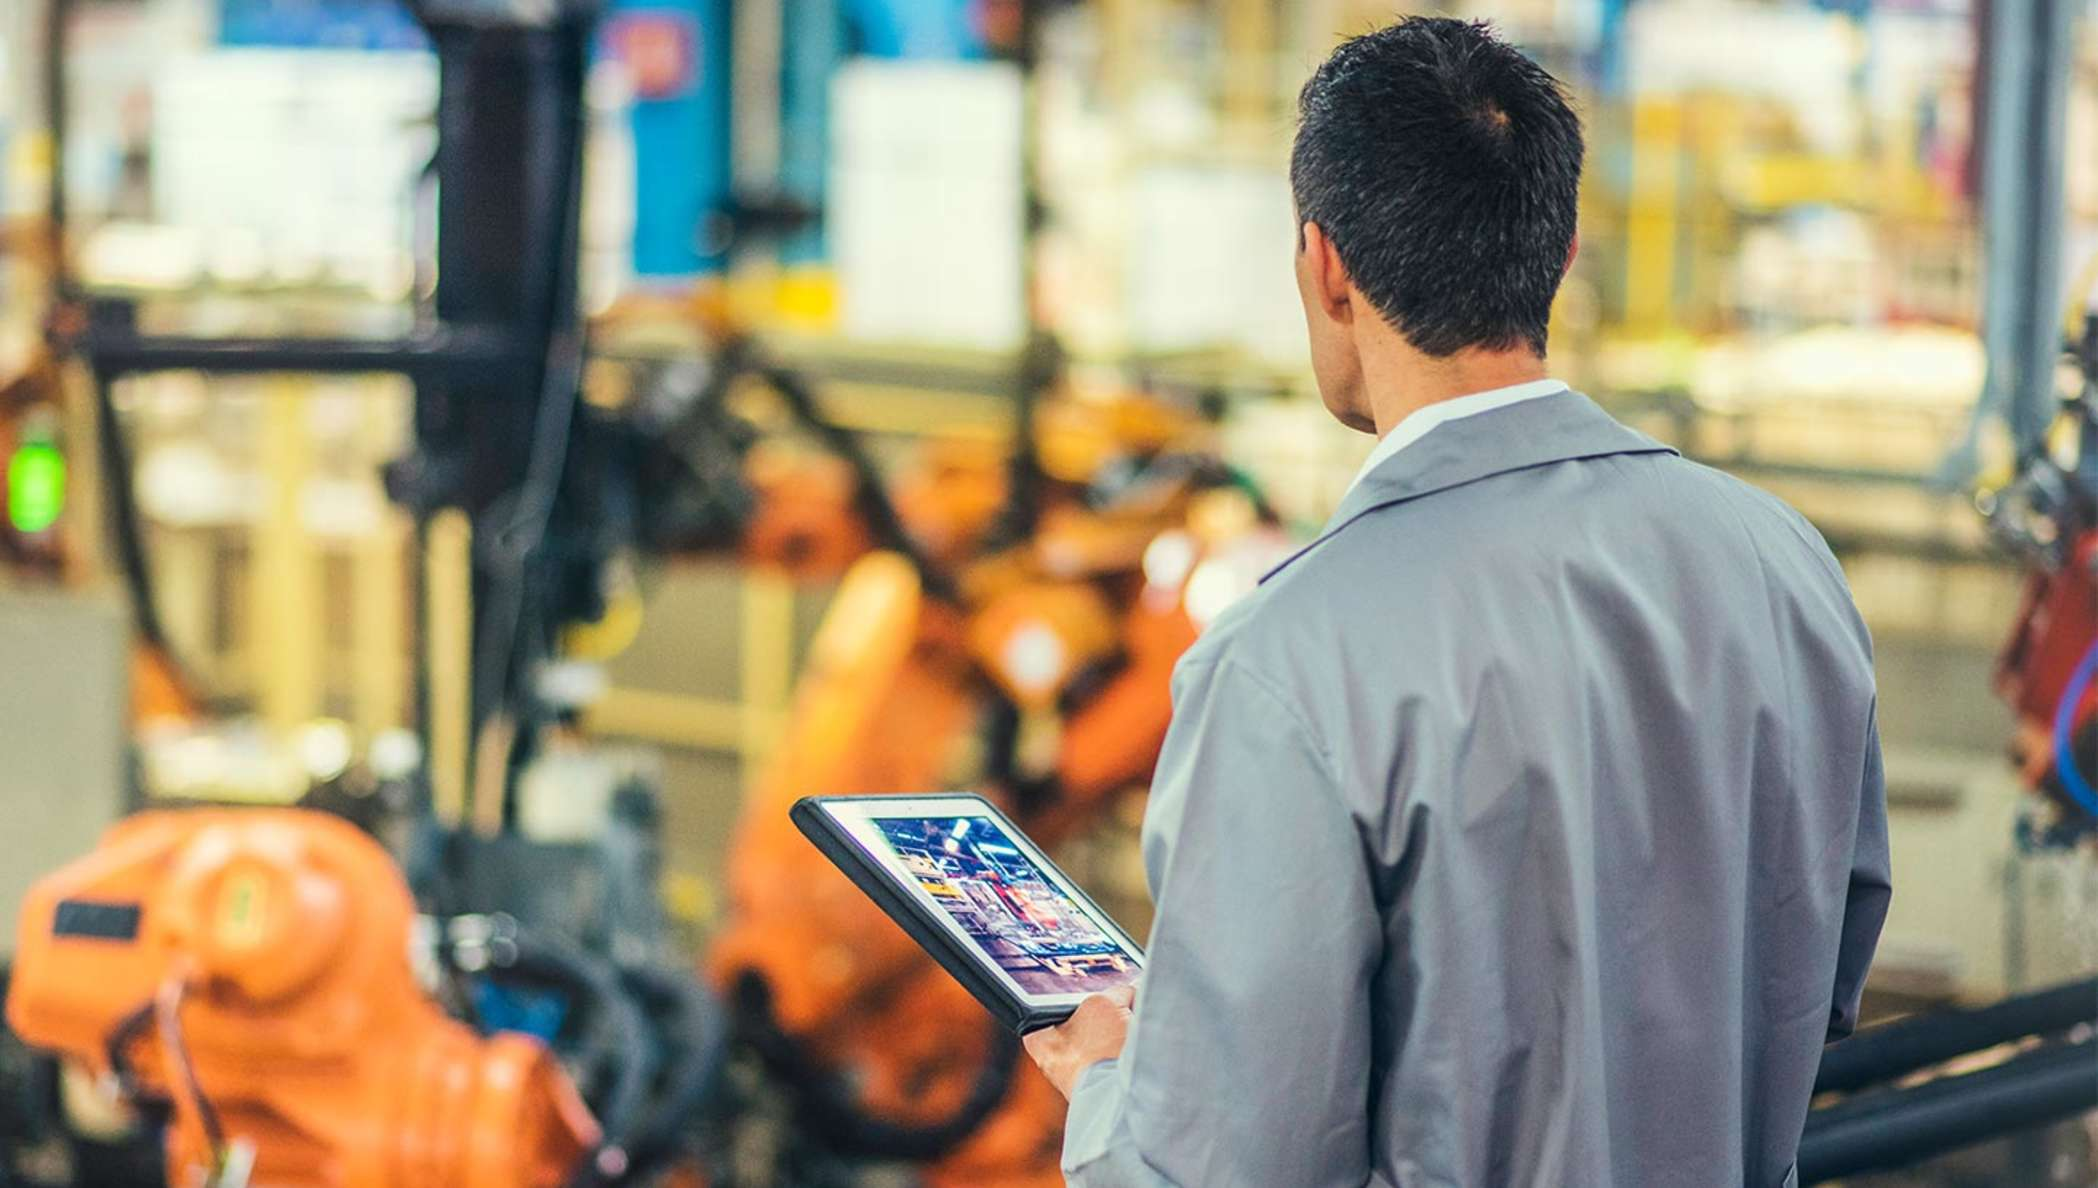 Ingenieur in einem grauen Mantel, der autonome Roboterarme betrachtet, während er ein Tablet hält.